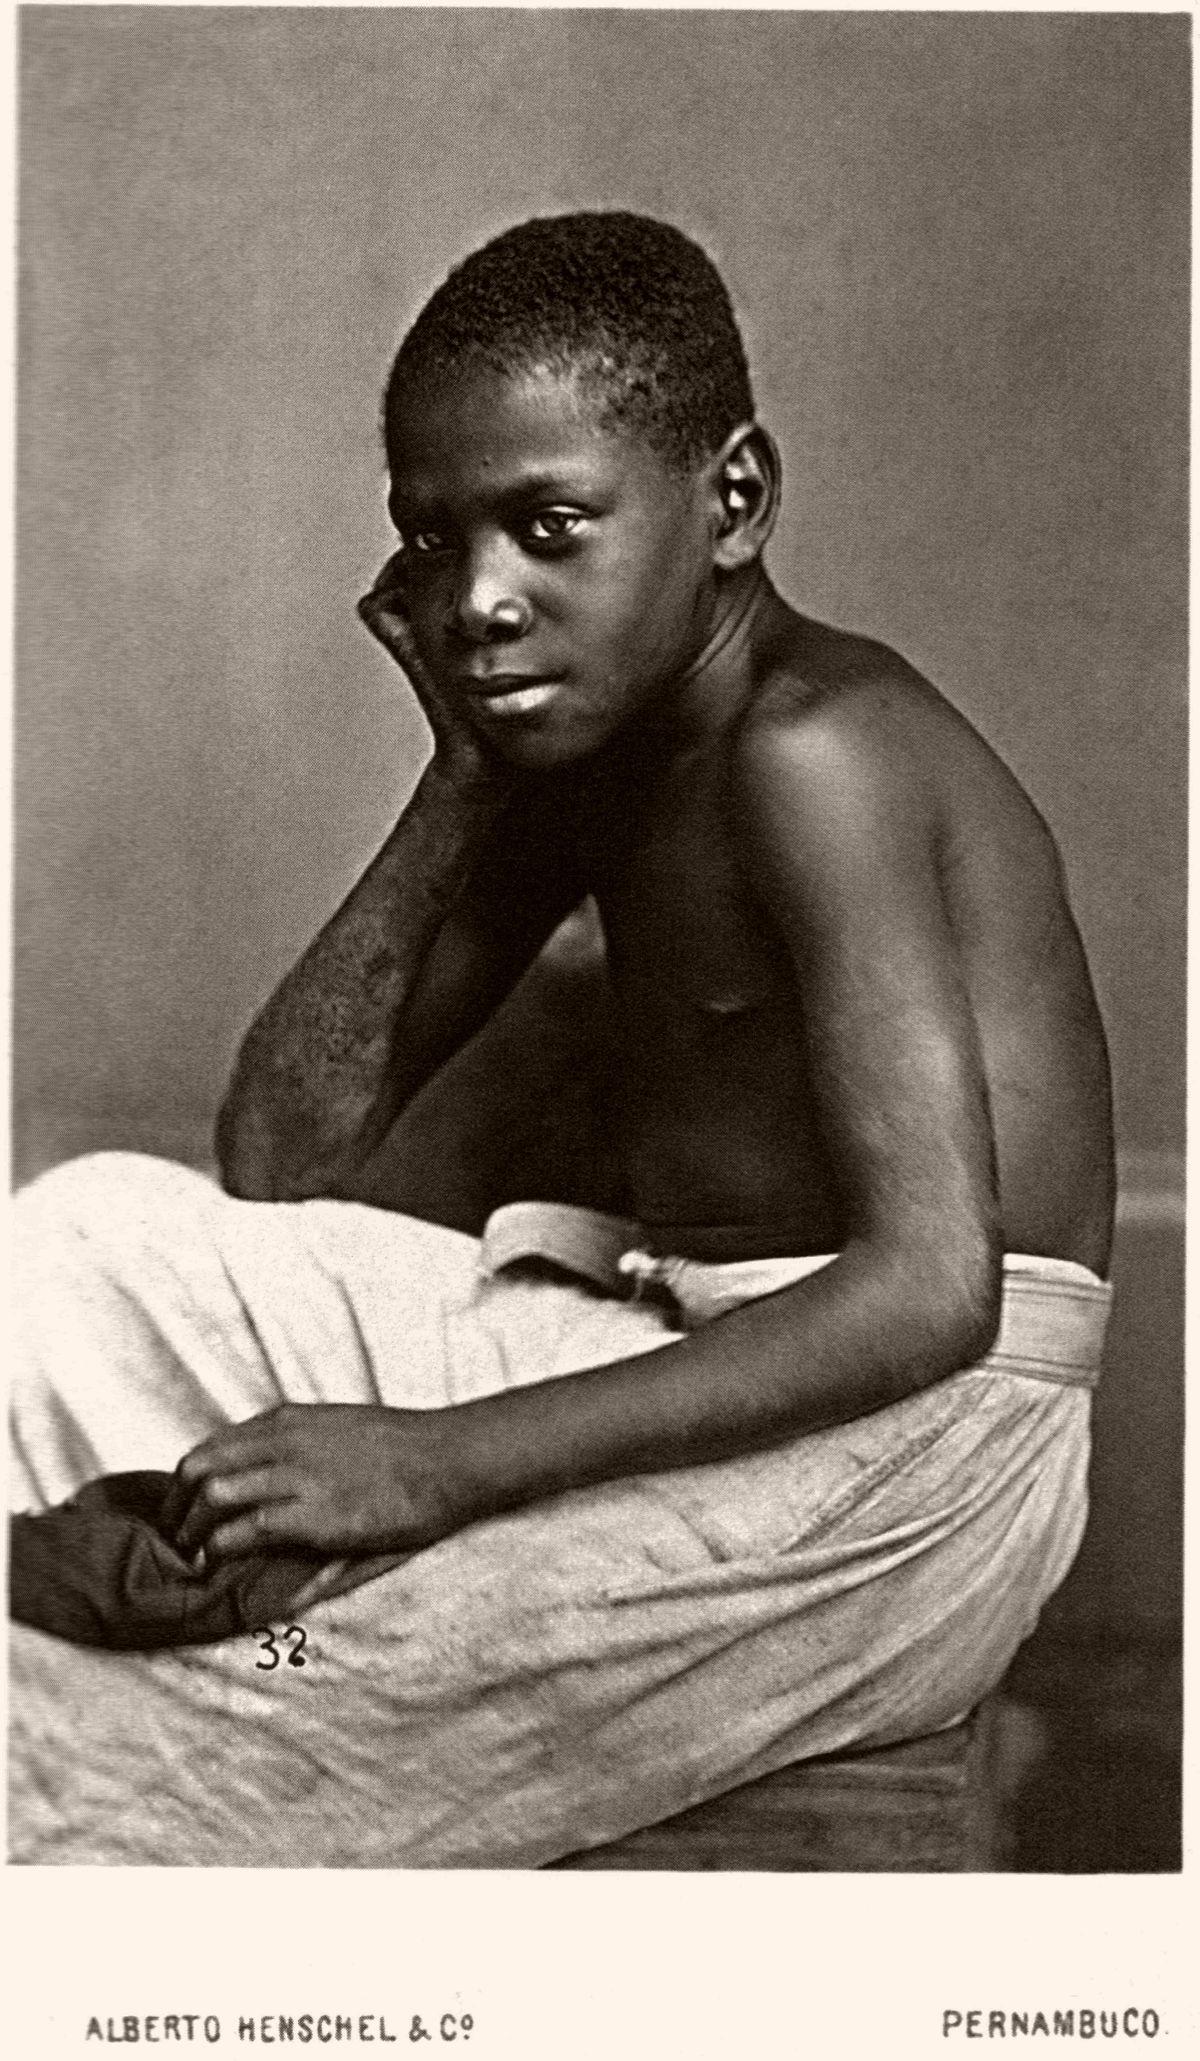 Criança em Pernambuco. 1870